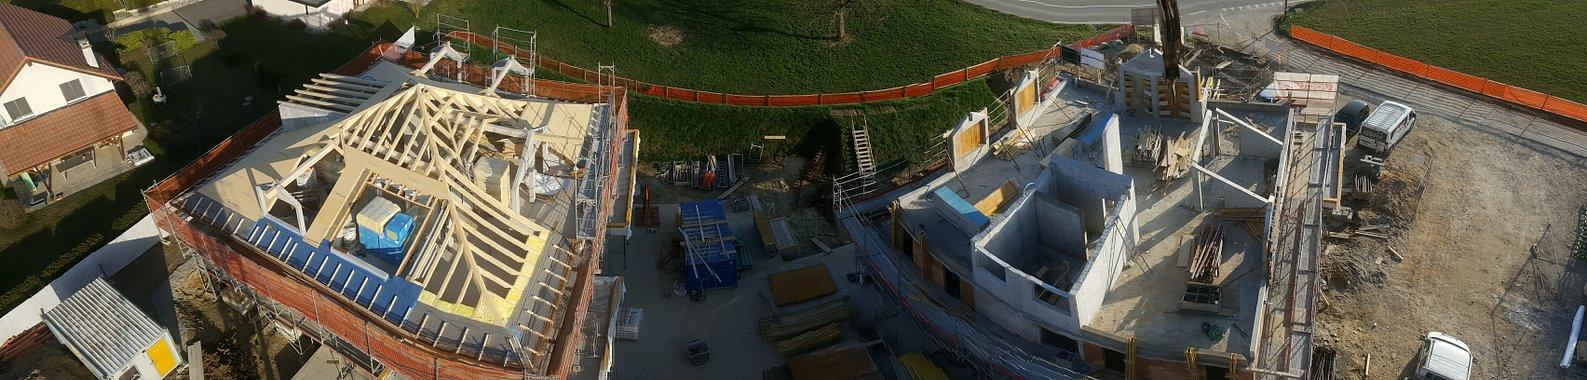 Réalisation de 2 toitures d'immeuble à 4 pans et lucarnes, à Pomy